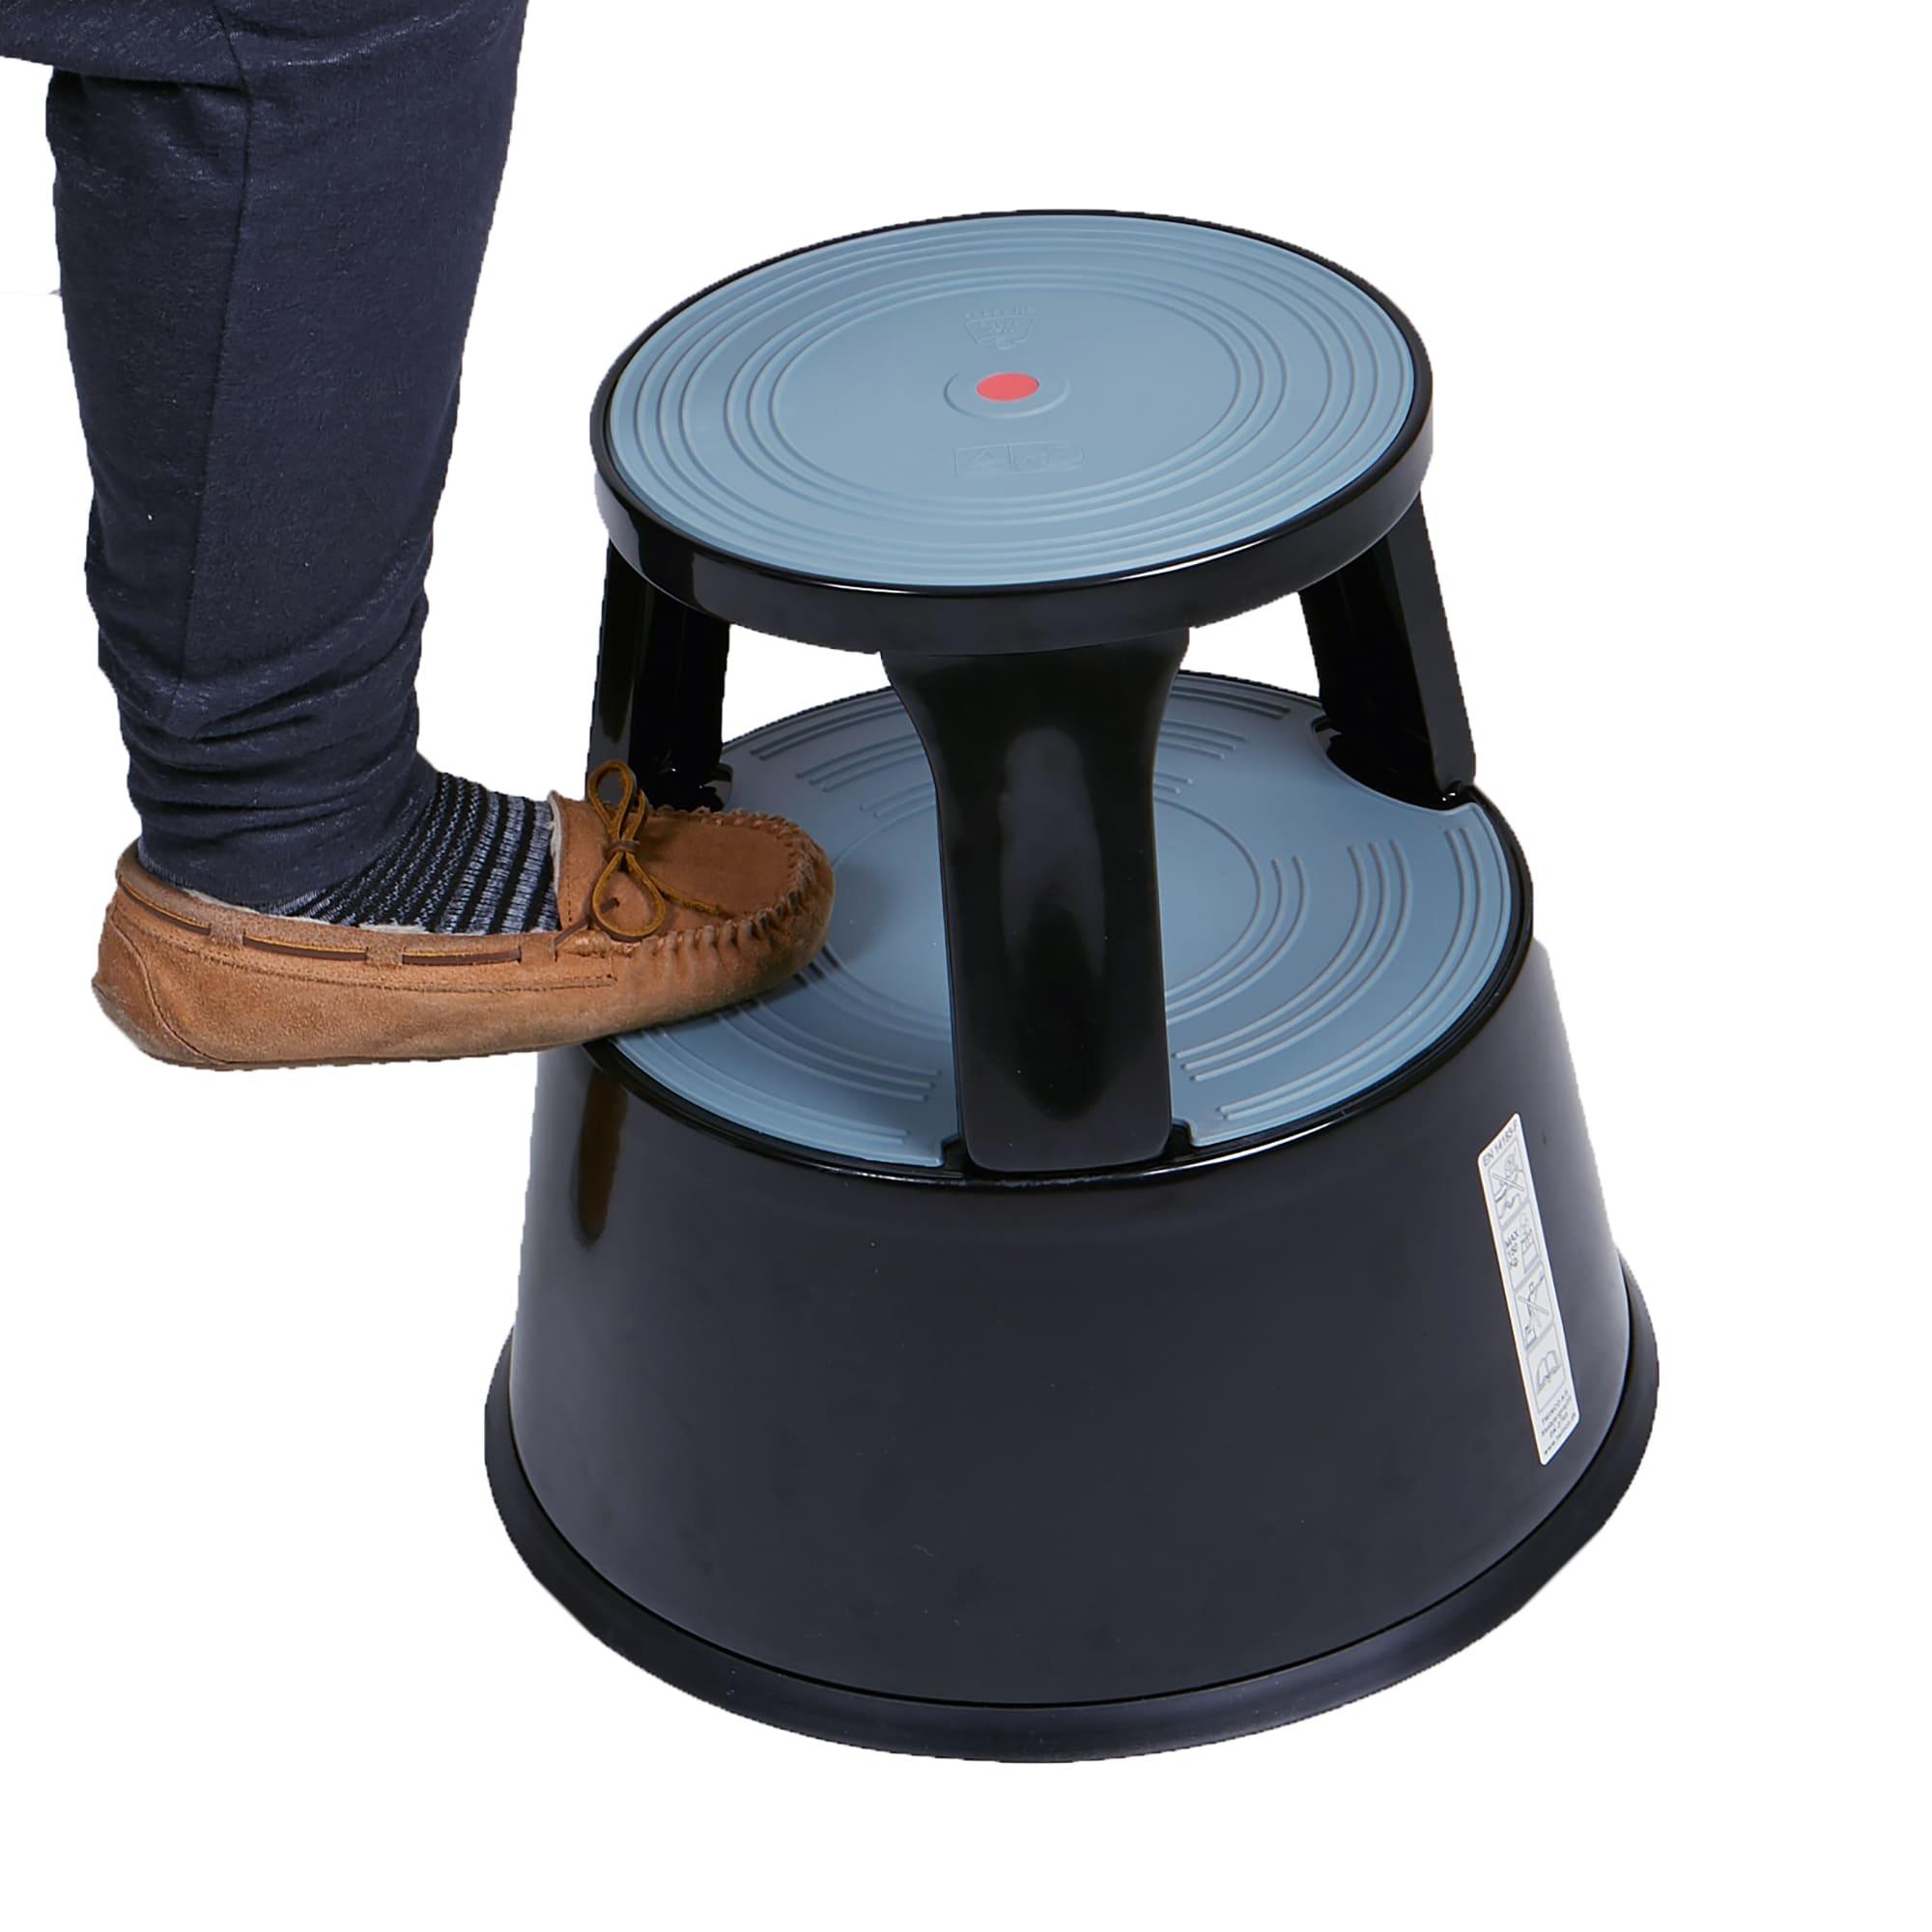 twin china rolling showroom twincochina detailtqrmrubpovgk stool kick step product plastic